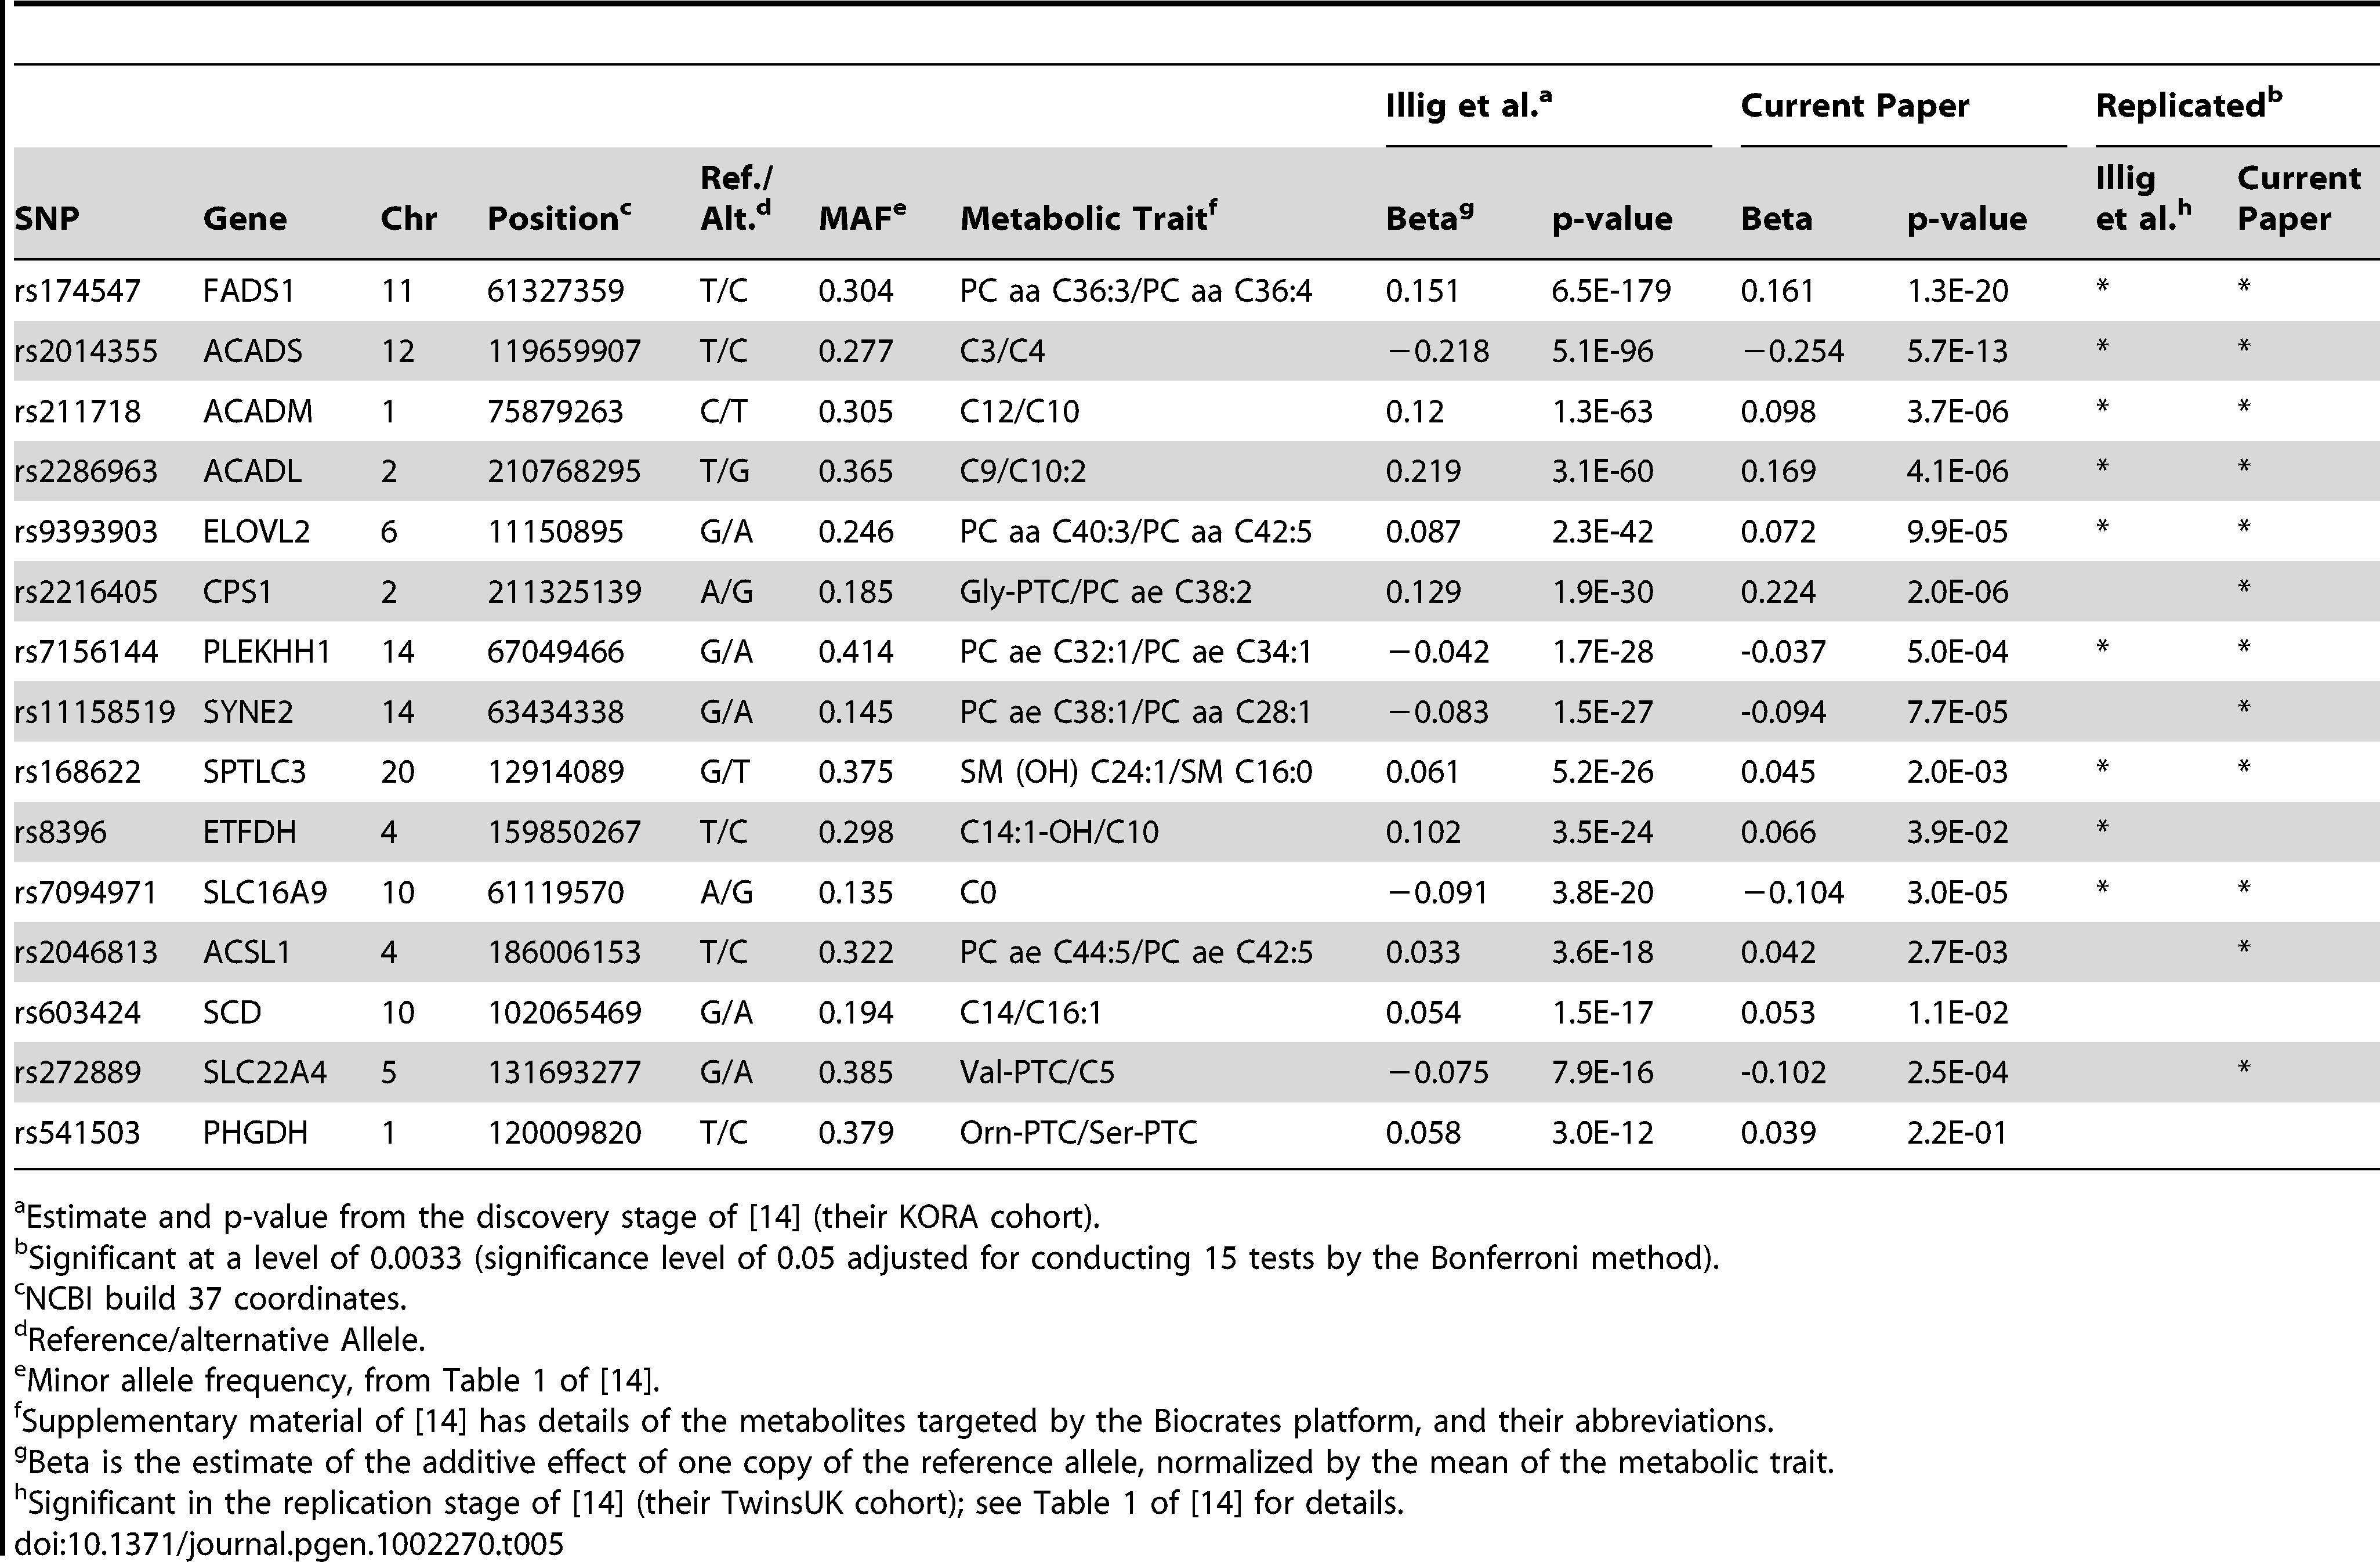 Summary of the current study's replication of Illig et al.'s <em class=&quot;ref&quot;>[14]</em> mQTL associations (Biocrates platform).